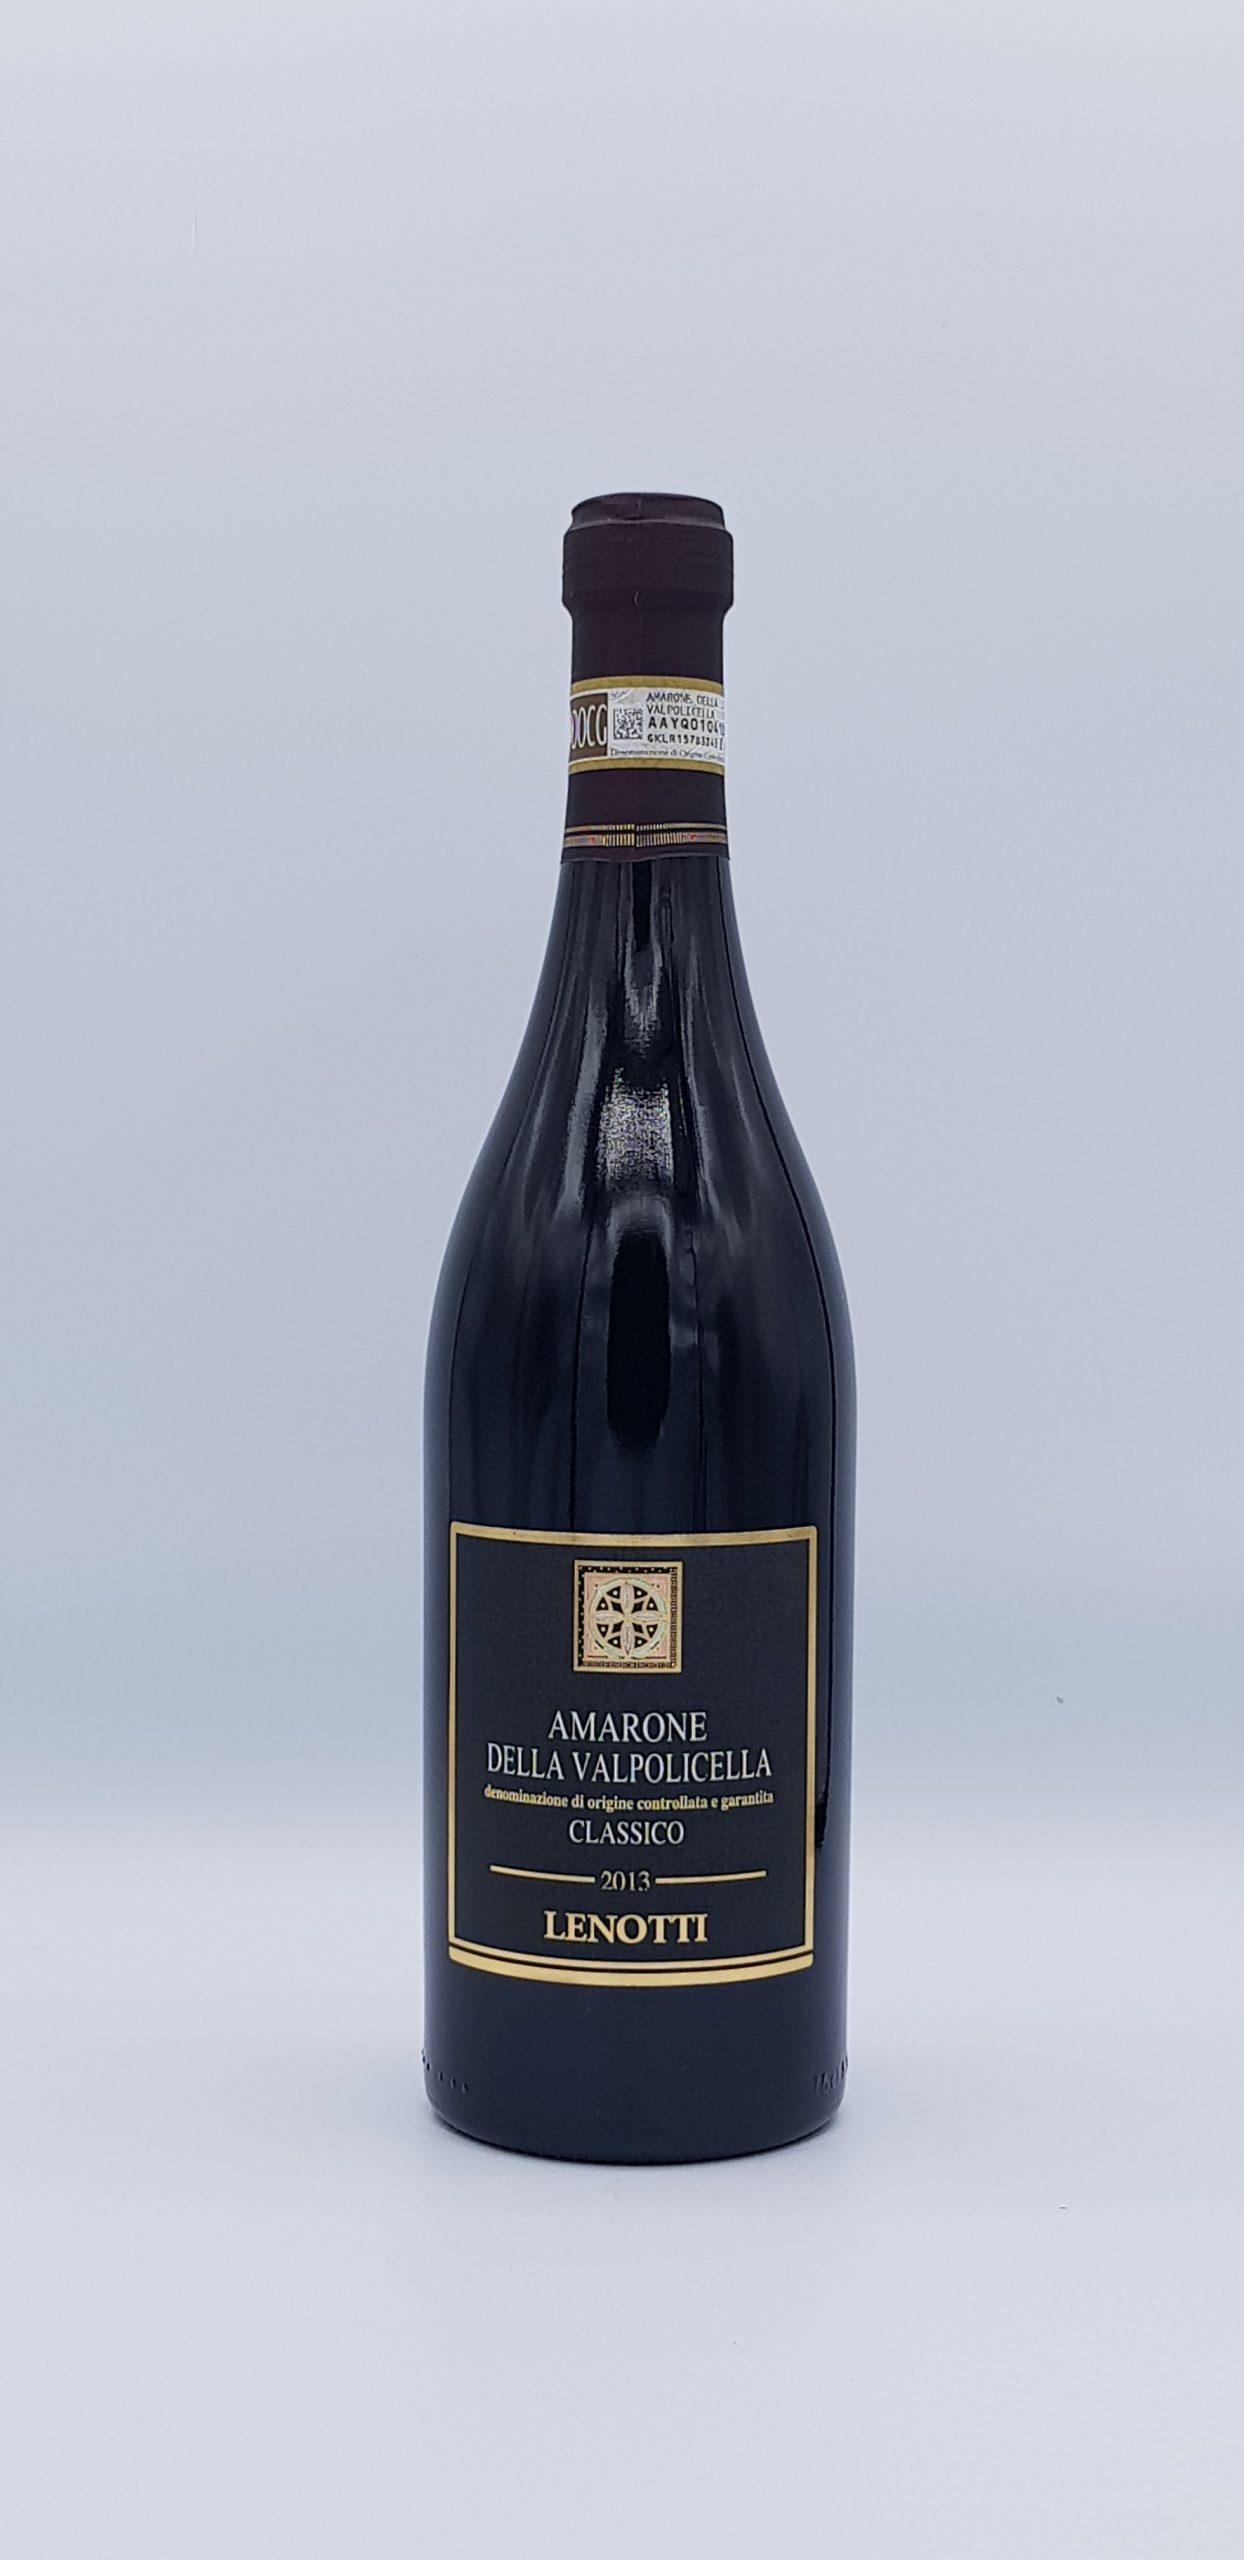 Amarone Della Valpolicella Classico 2013